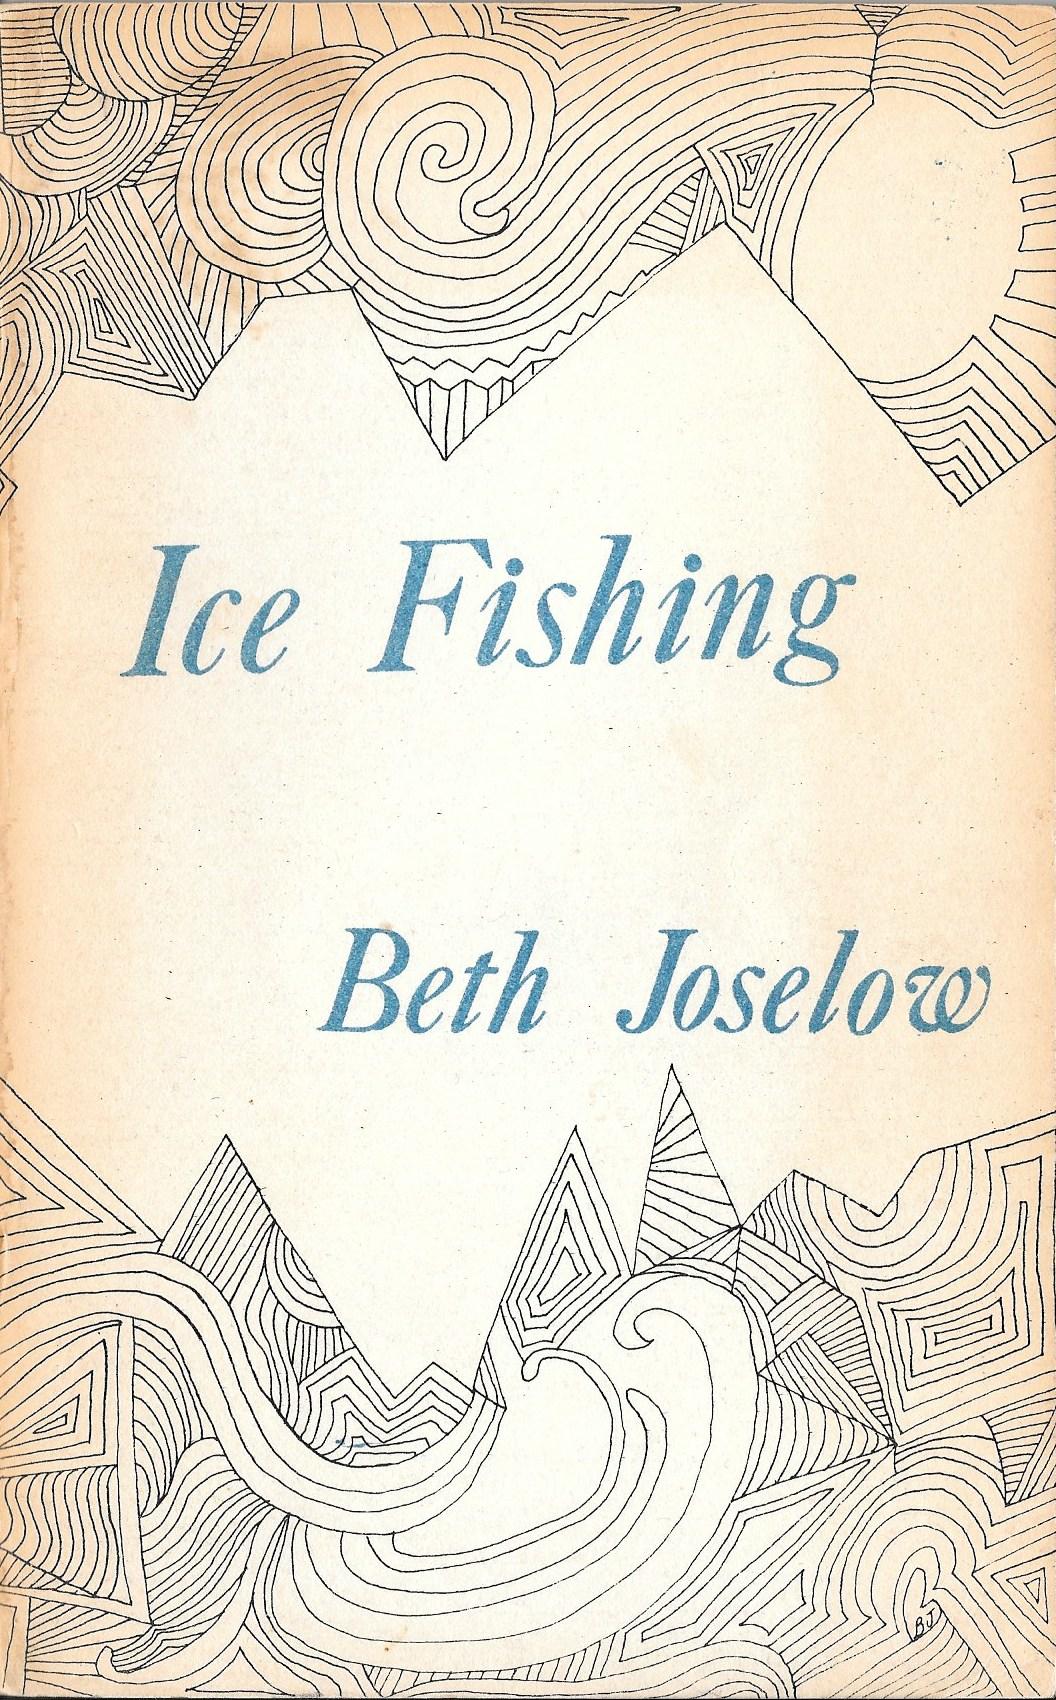 Joselow, Beth